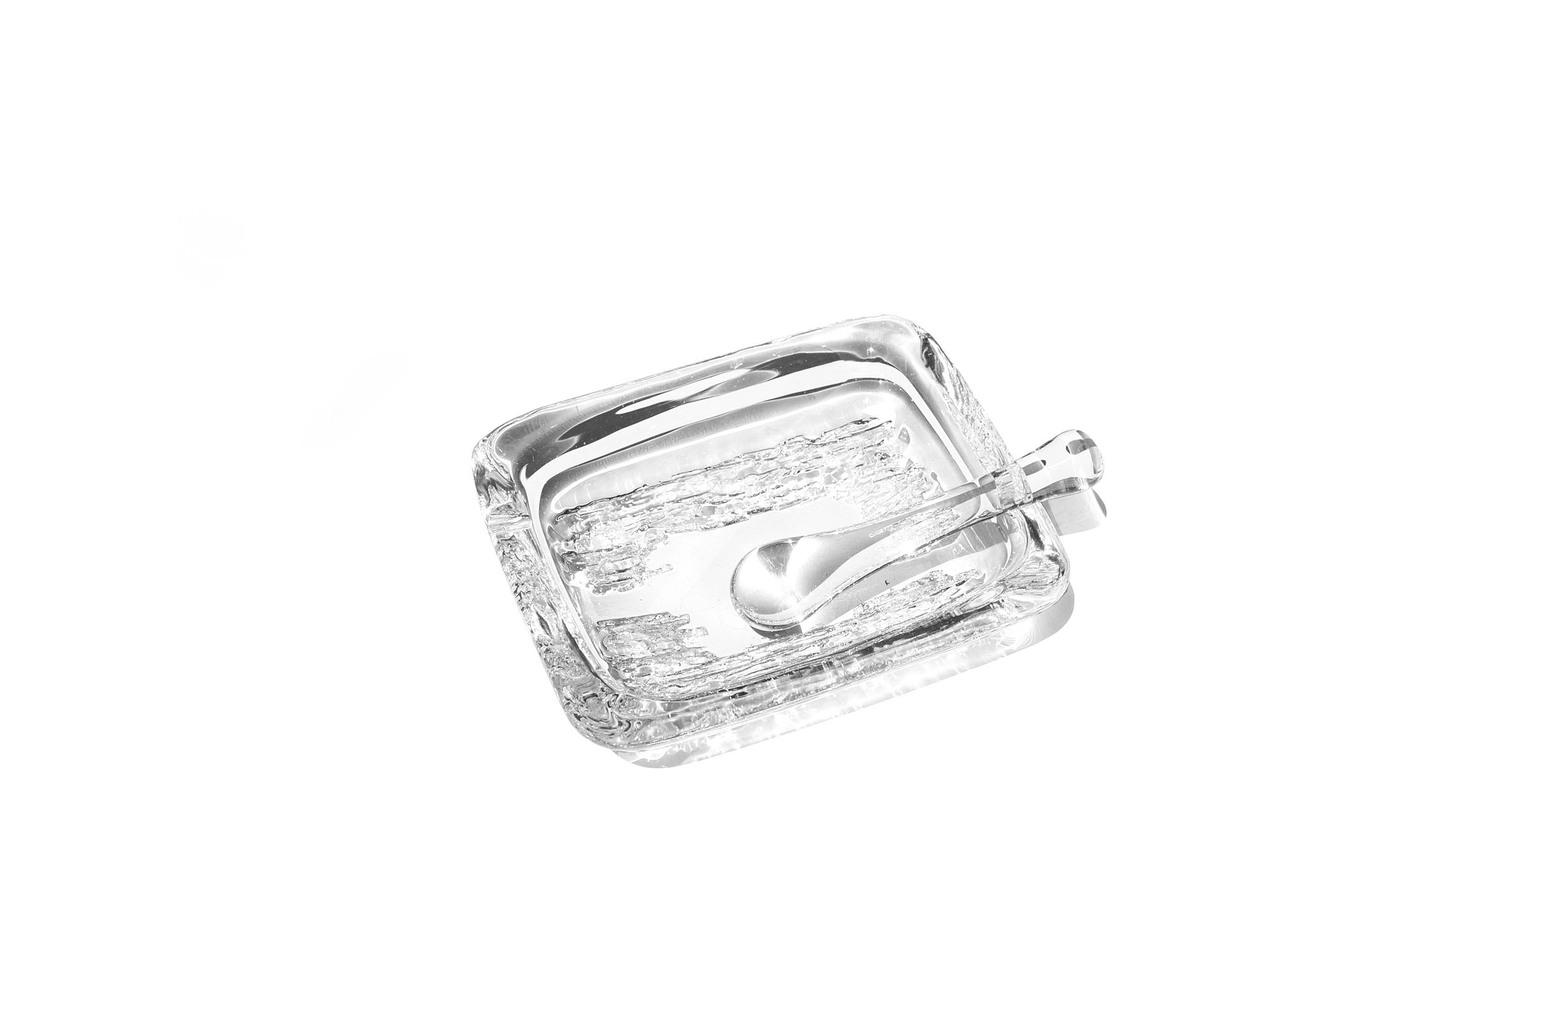 France Daum Crystal Grass Ashtray/フランス ドーム アッシュトレイ クリスタルガラス 灰皿 インテリア